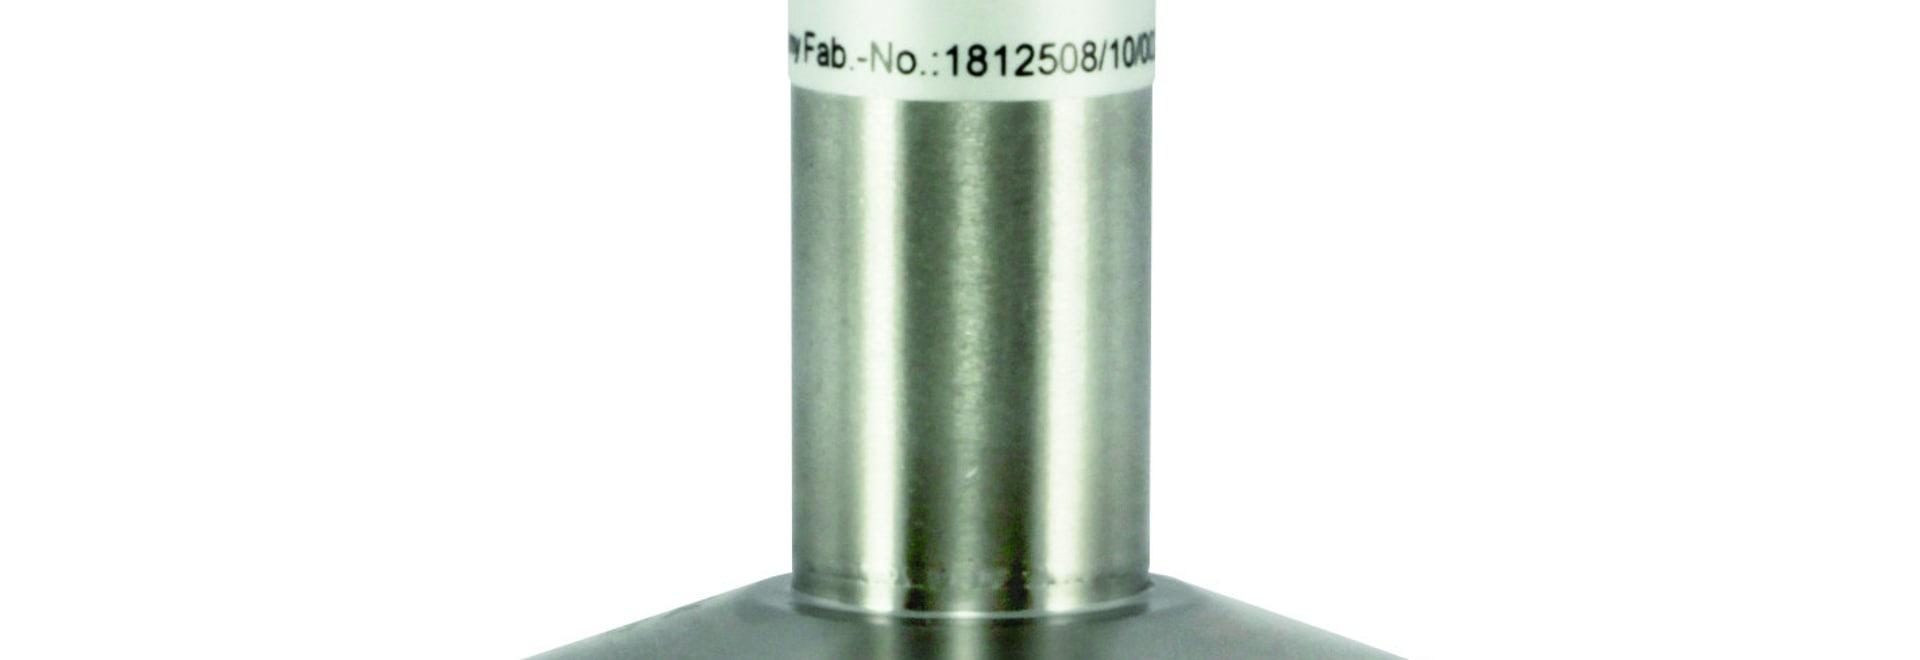 Thermomètre à résistance en technologie d'E/S-lien, type série GA2700, réponse rapide, conception hygiénique